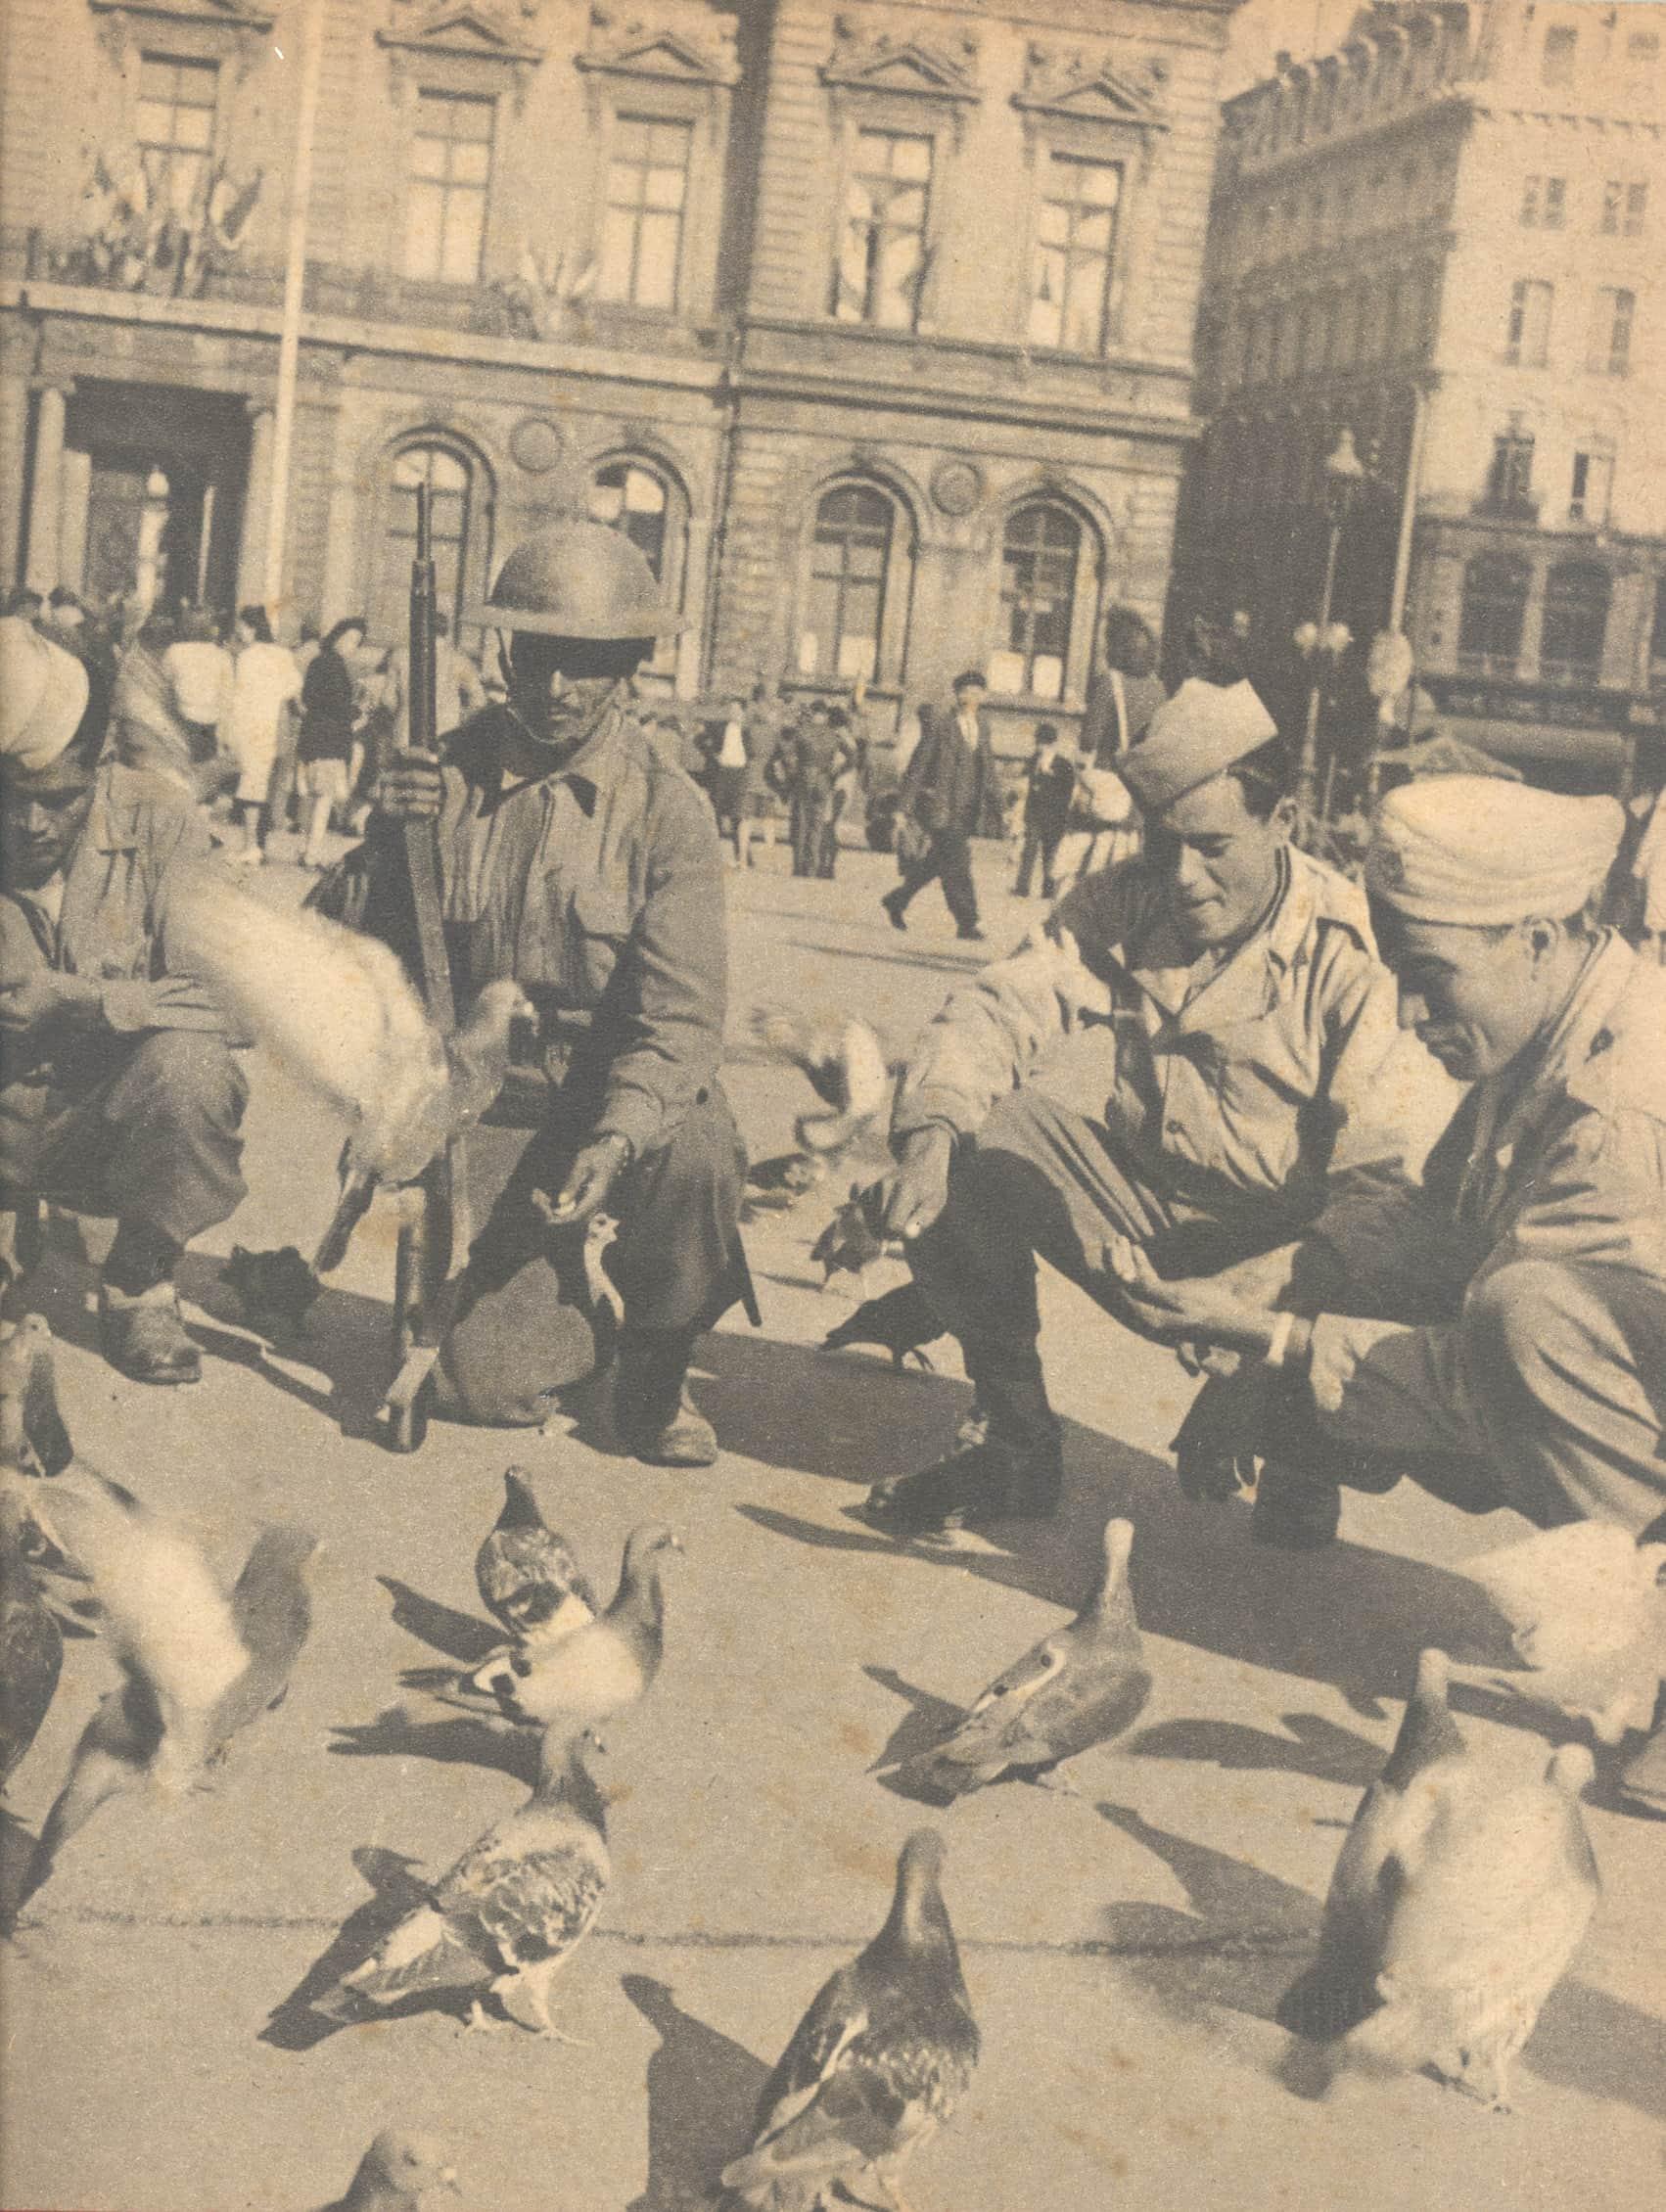 Des tirailleurs algériens place des Terreaux après la Libération de Lyon le 3 septembre 1944. ©Musée de la Résistance et de la déportation de Grenoble